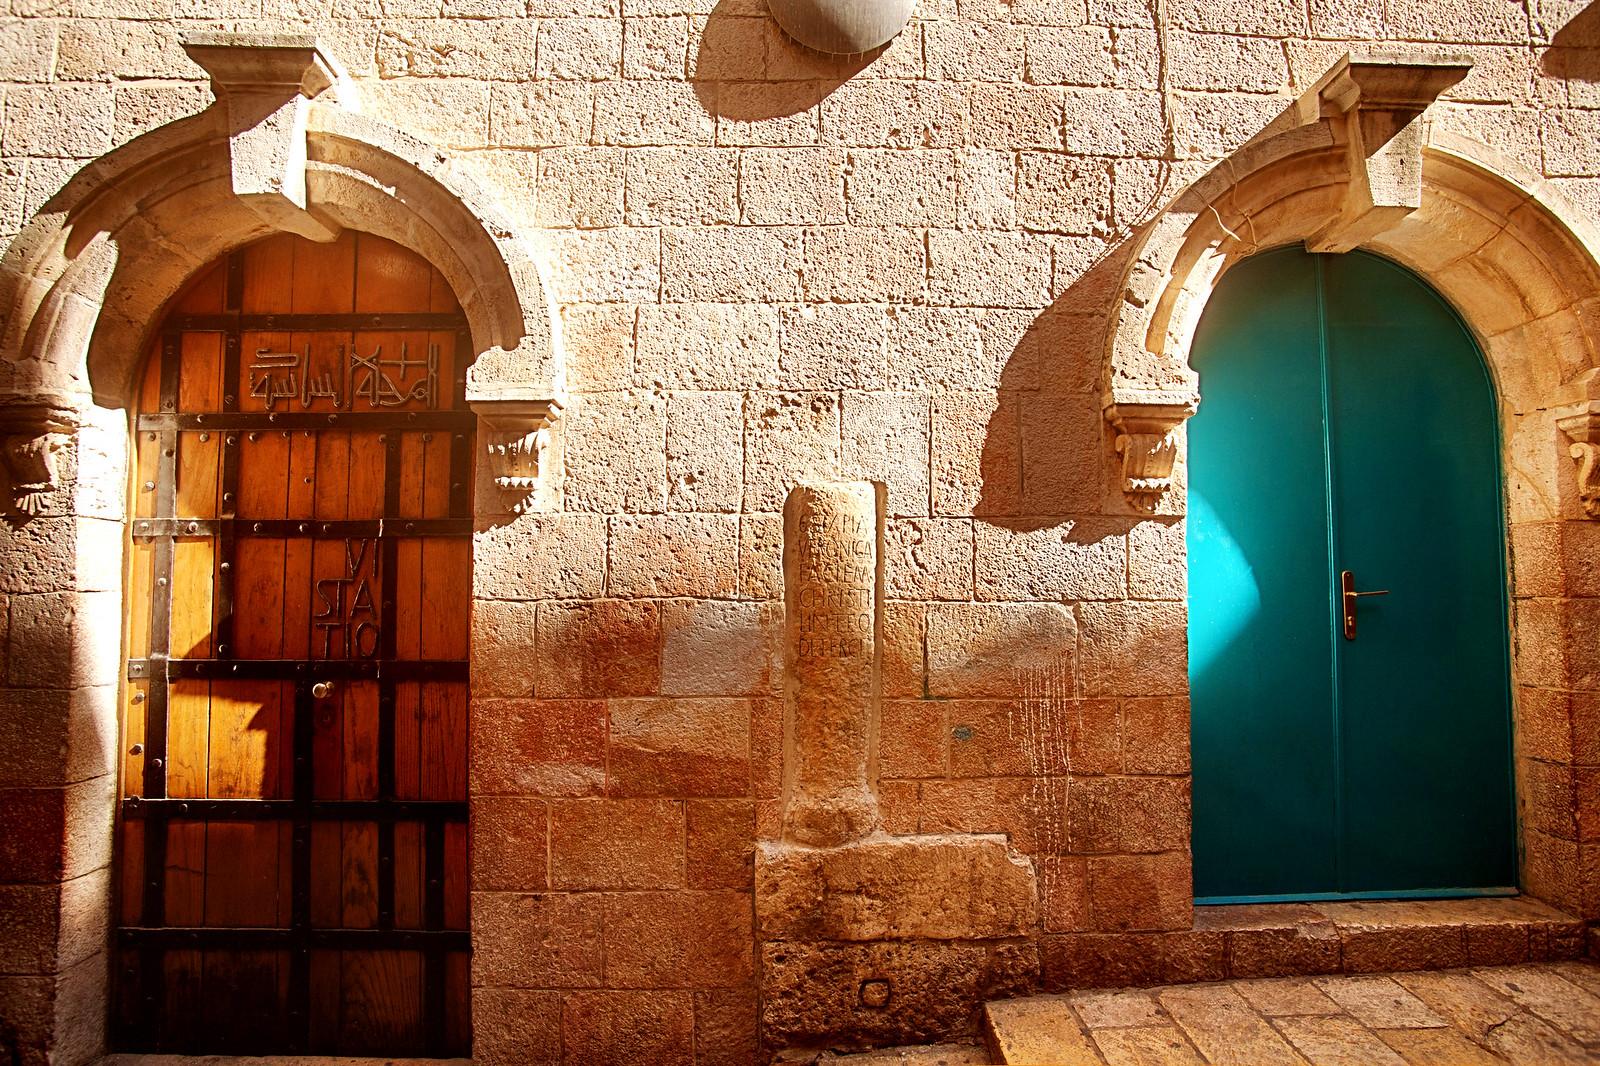 Jerusalem_Via Dolorosa_Station 6 (1)_Noam Chen_IMOT